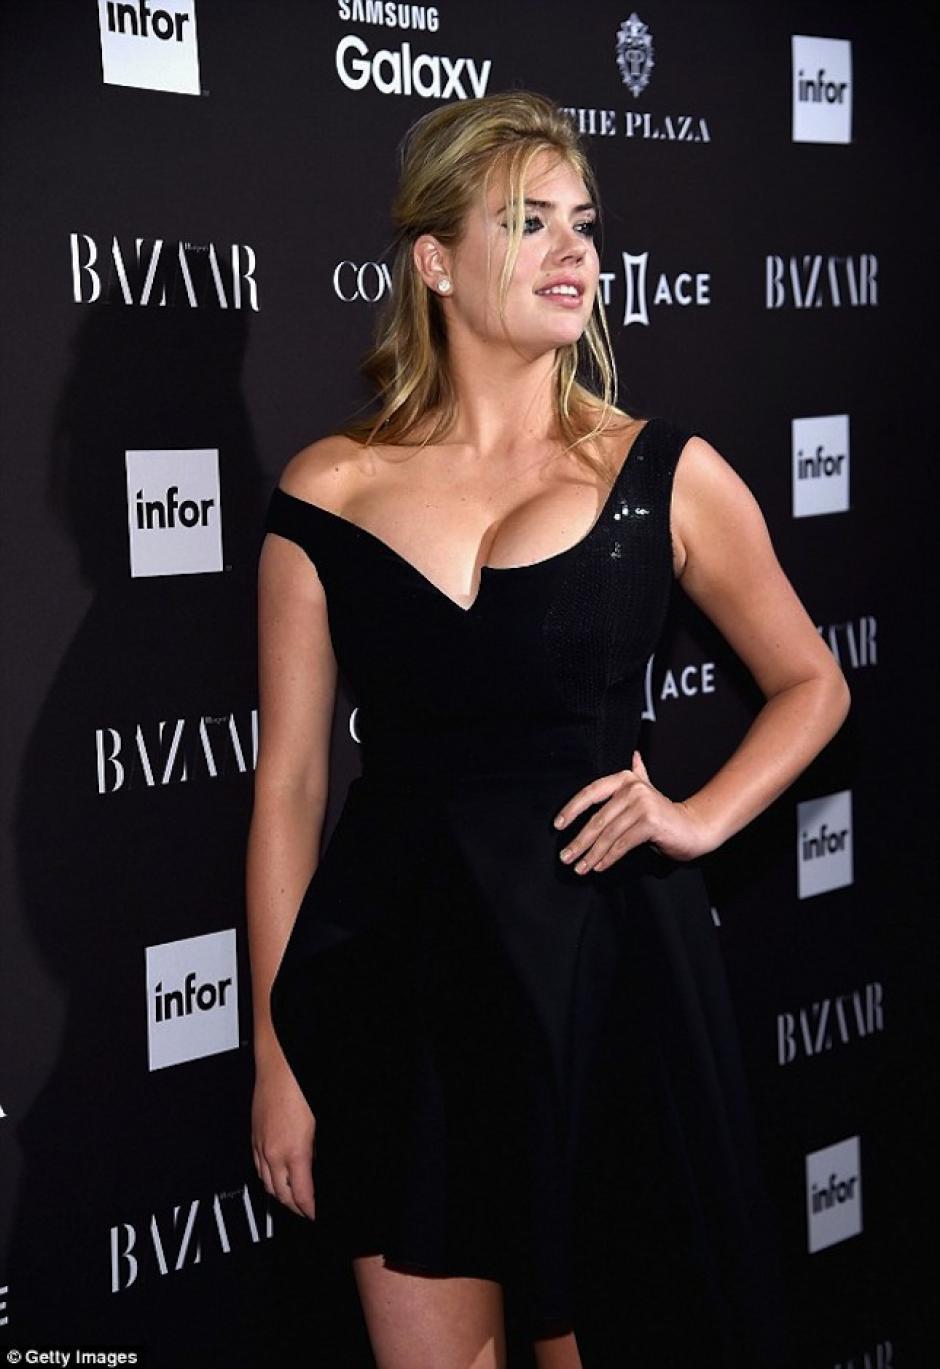 El escote de la actriz causó impacto. (Foto: Getty Images)